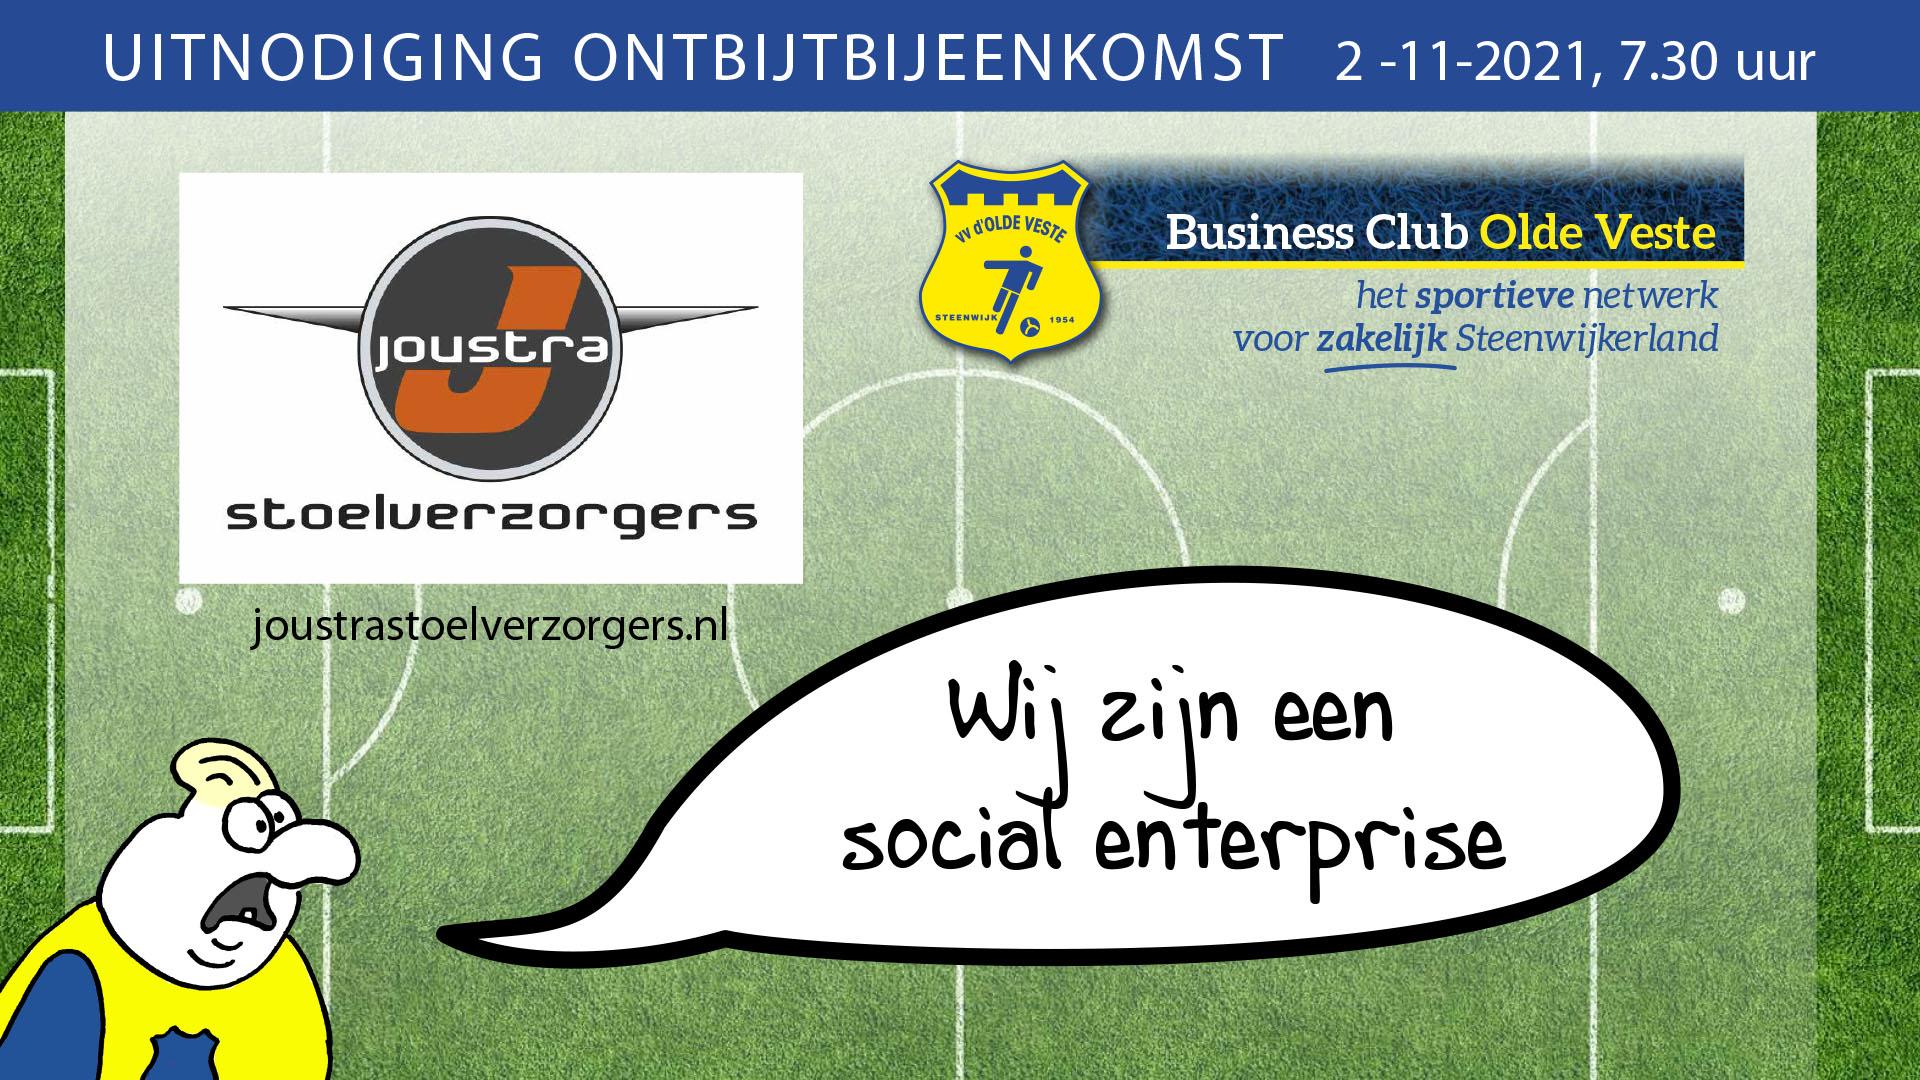 Ontbijtbijeenkomst Business Club Olde Veste